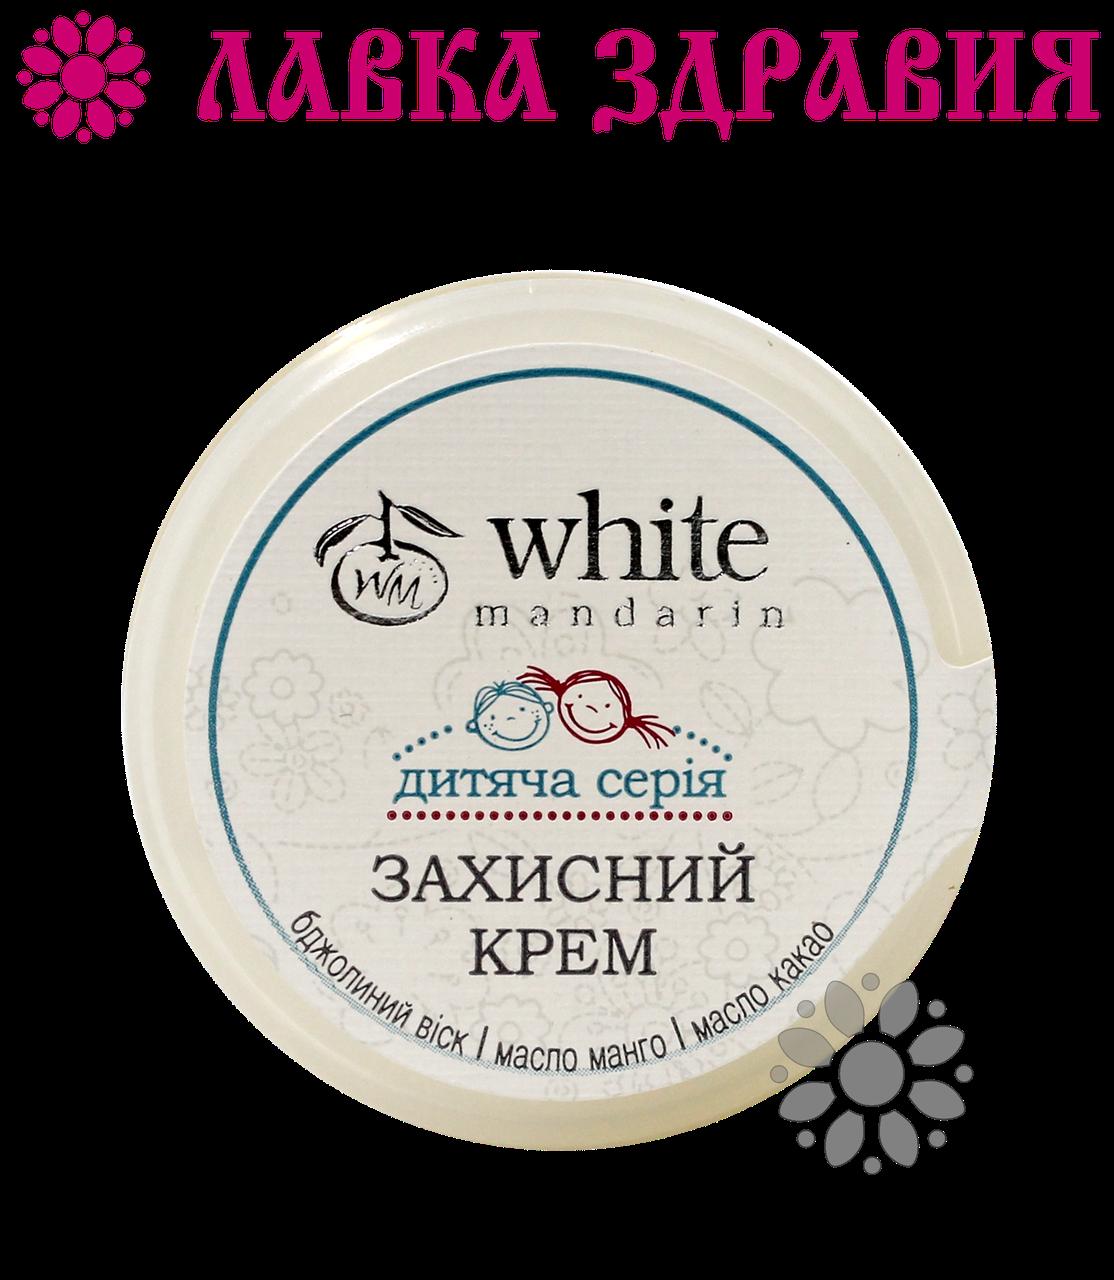 Защитный крем от непогоды Детская серия, 50 мл, White mandarin